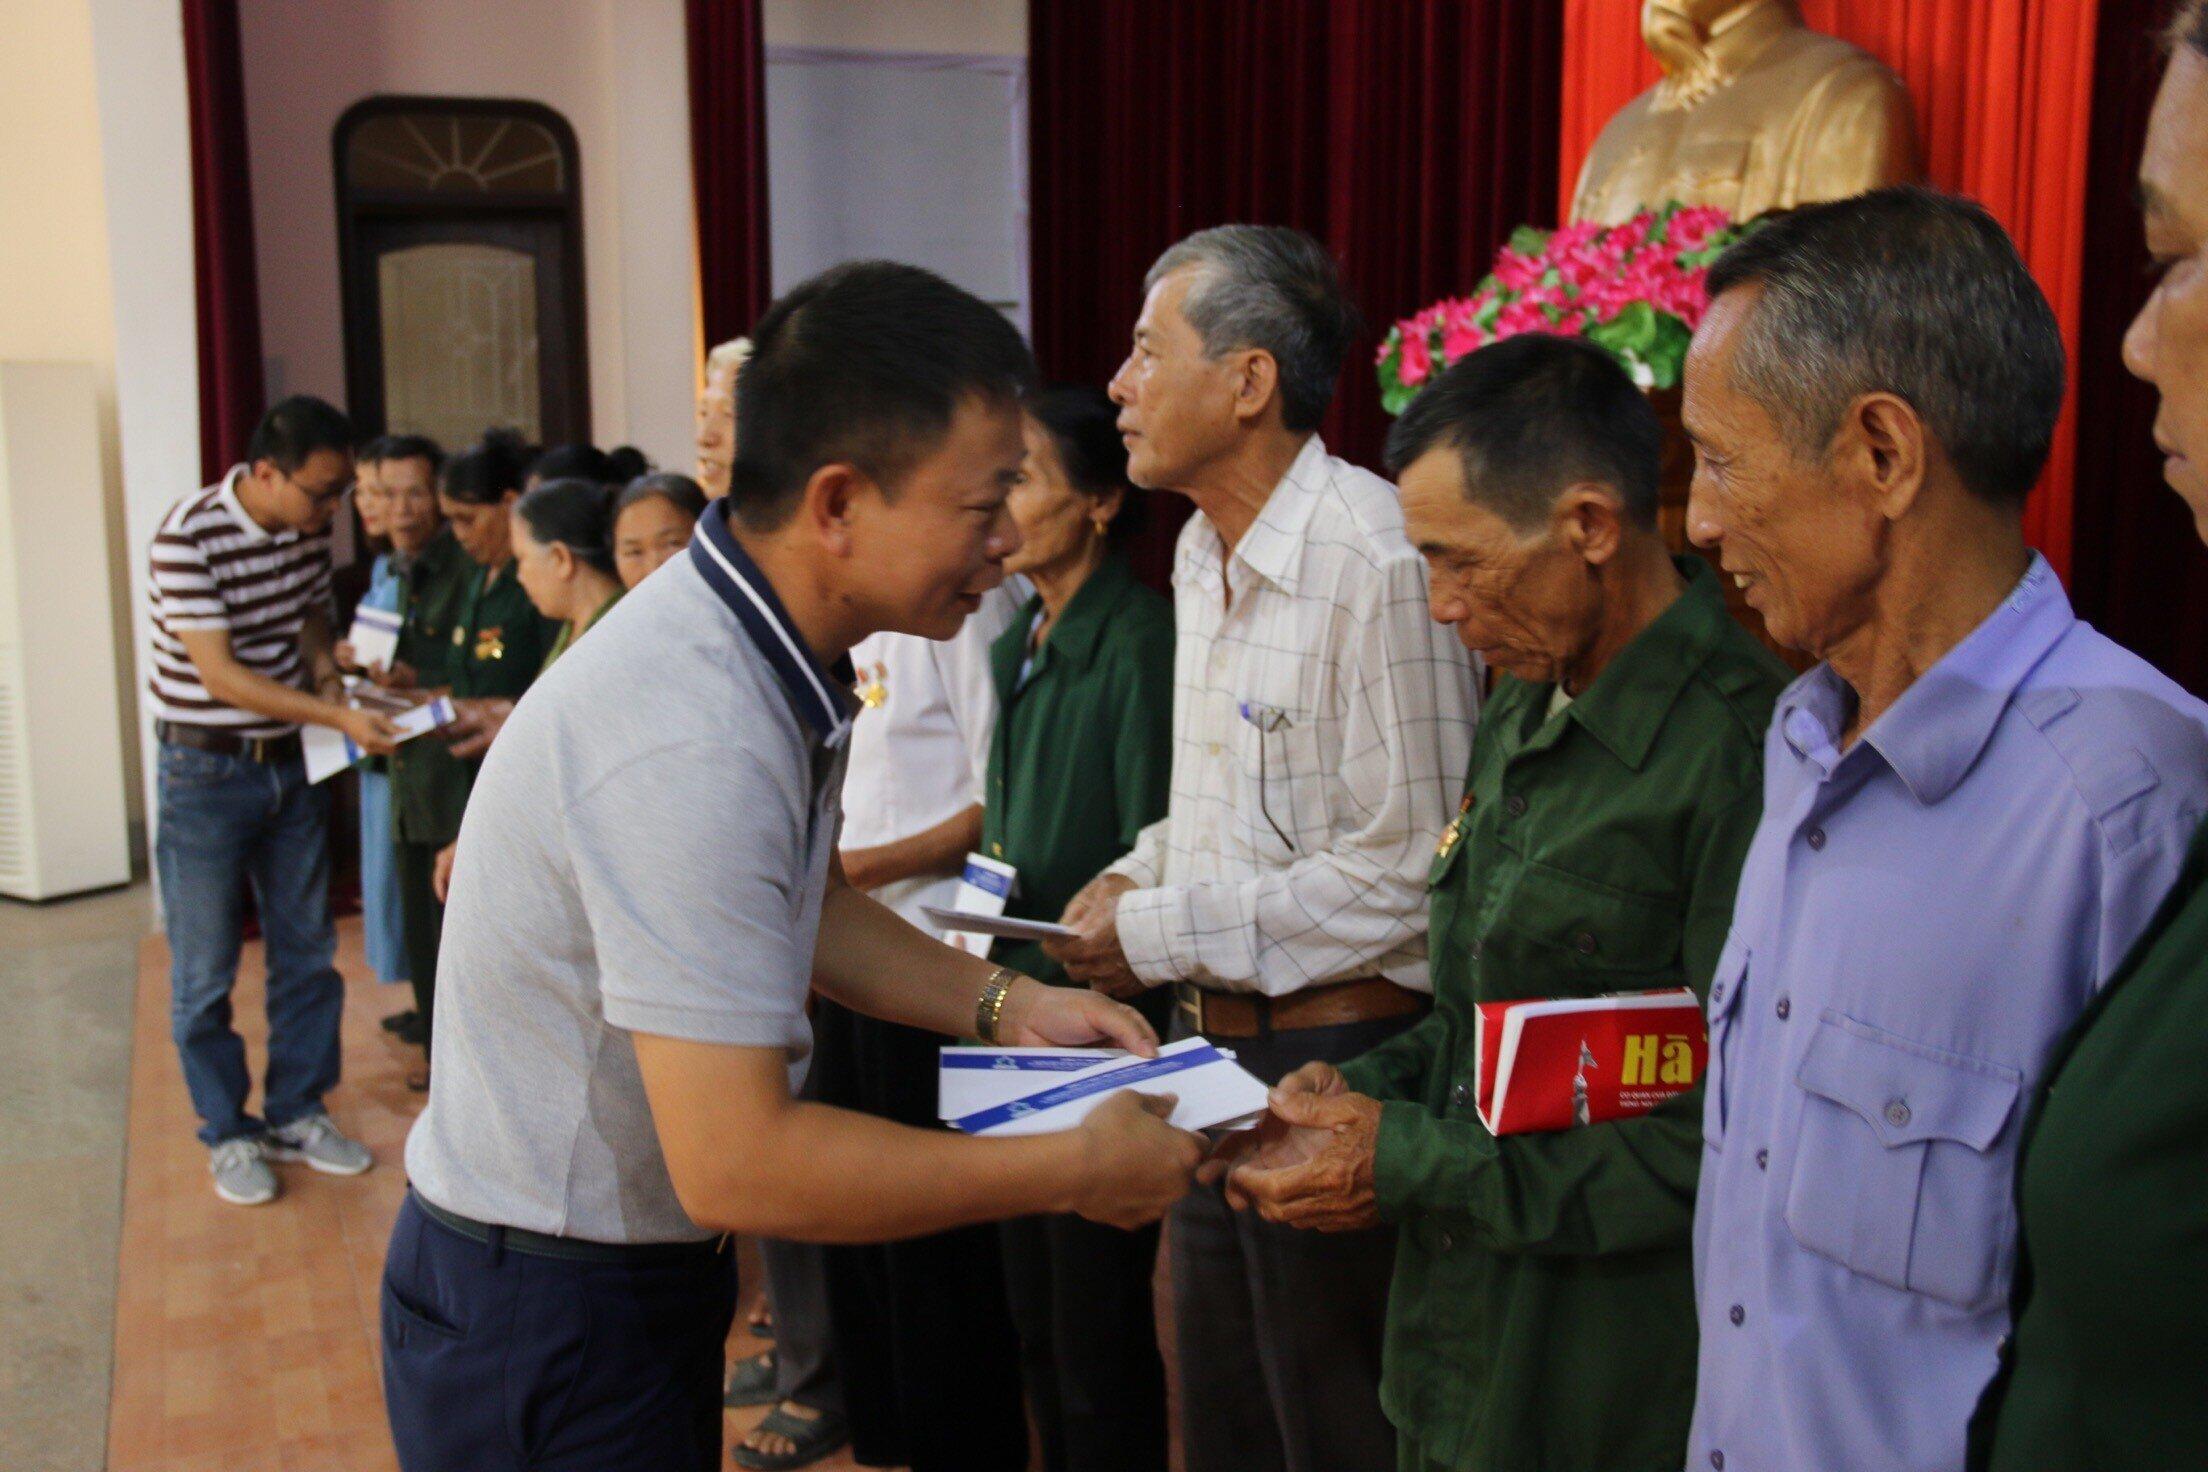 Tân Hiệp Phát tặng quà cho các cựu thanh niên xung phong tại Nghệ An, Hà Tĩnh